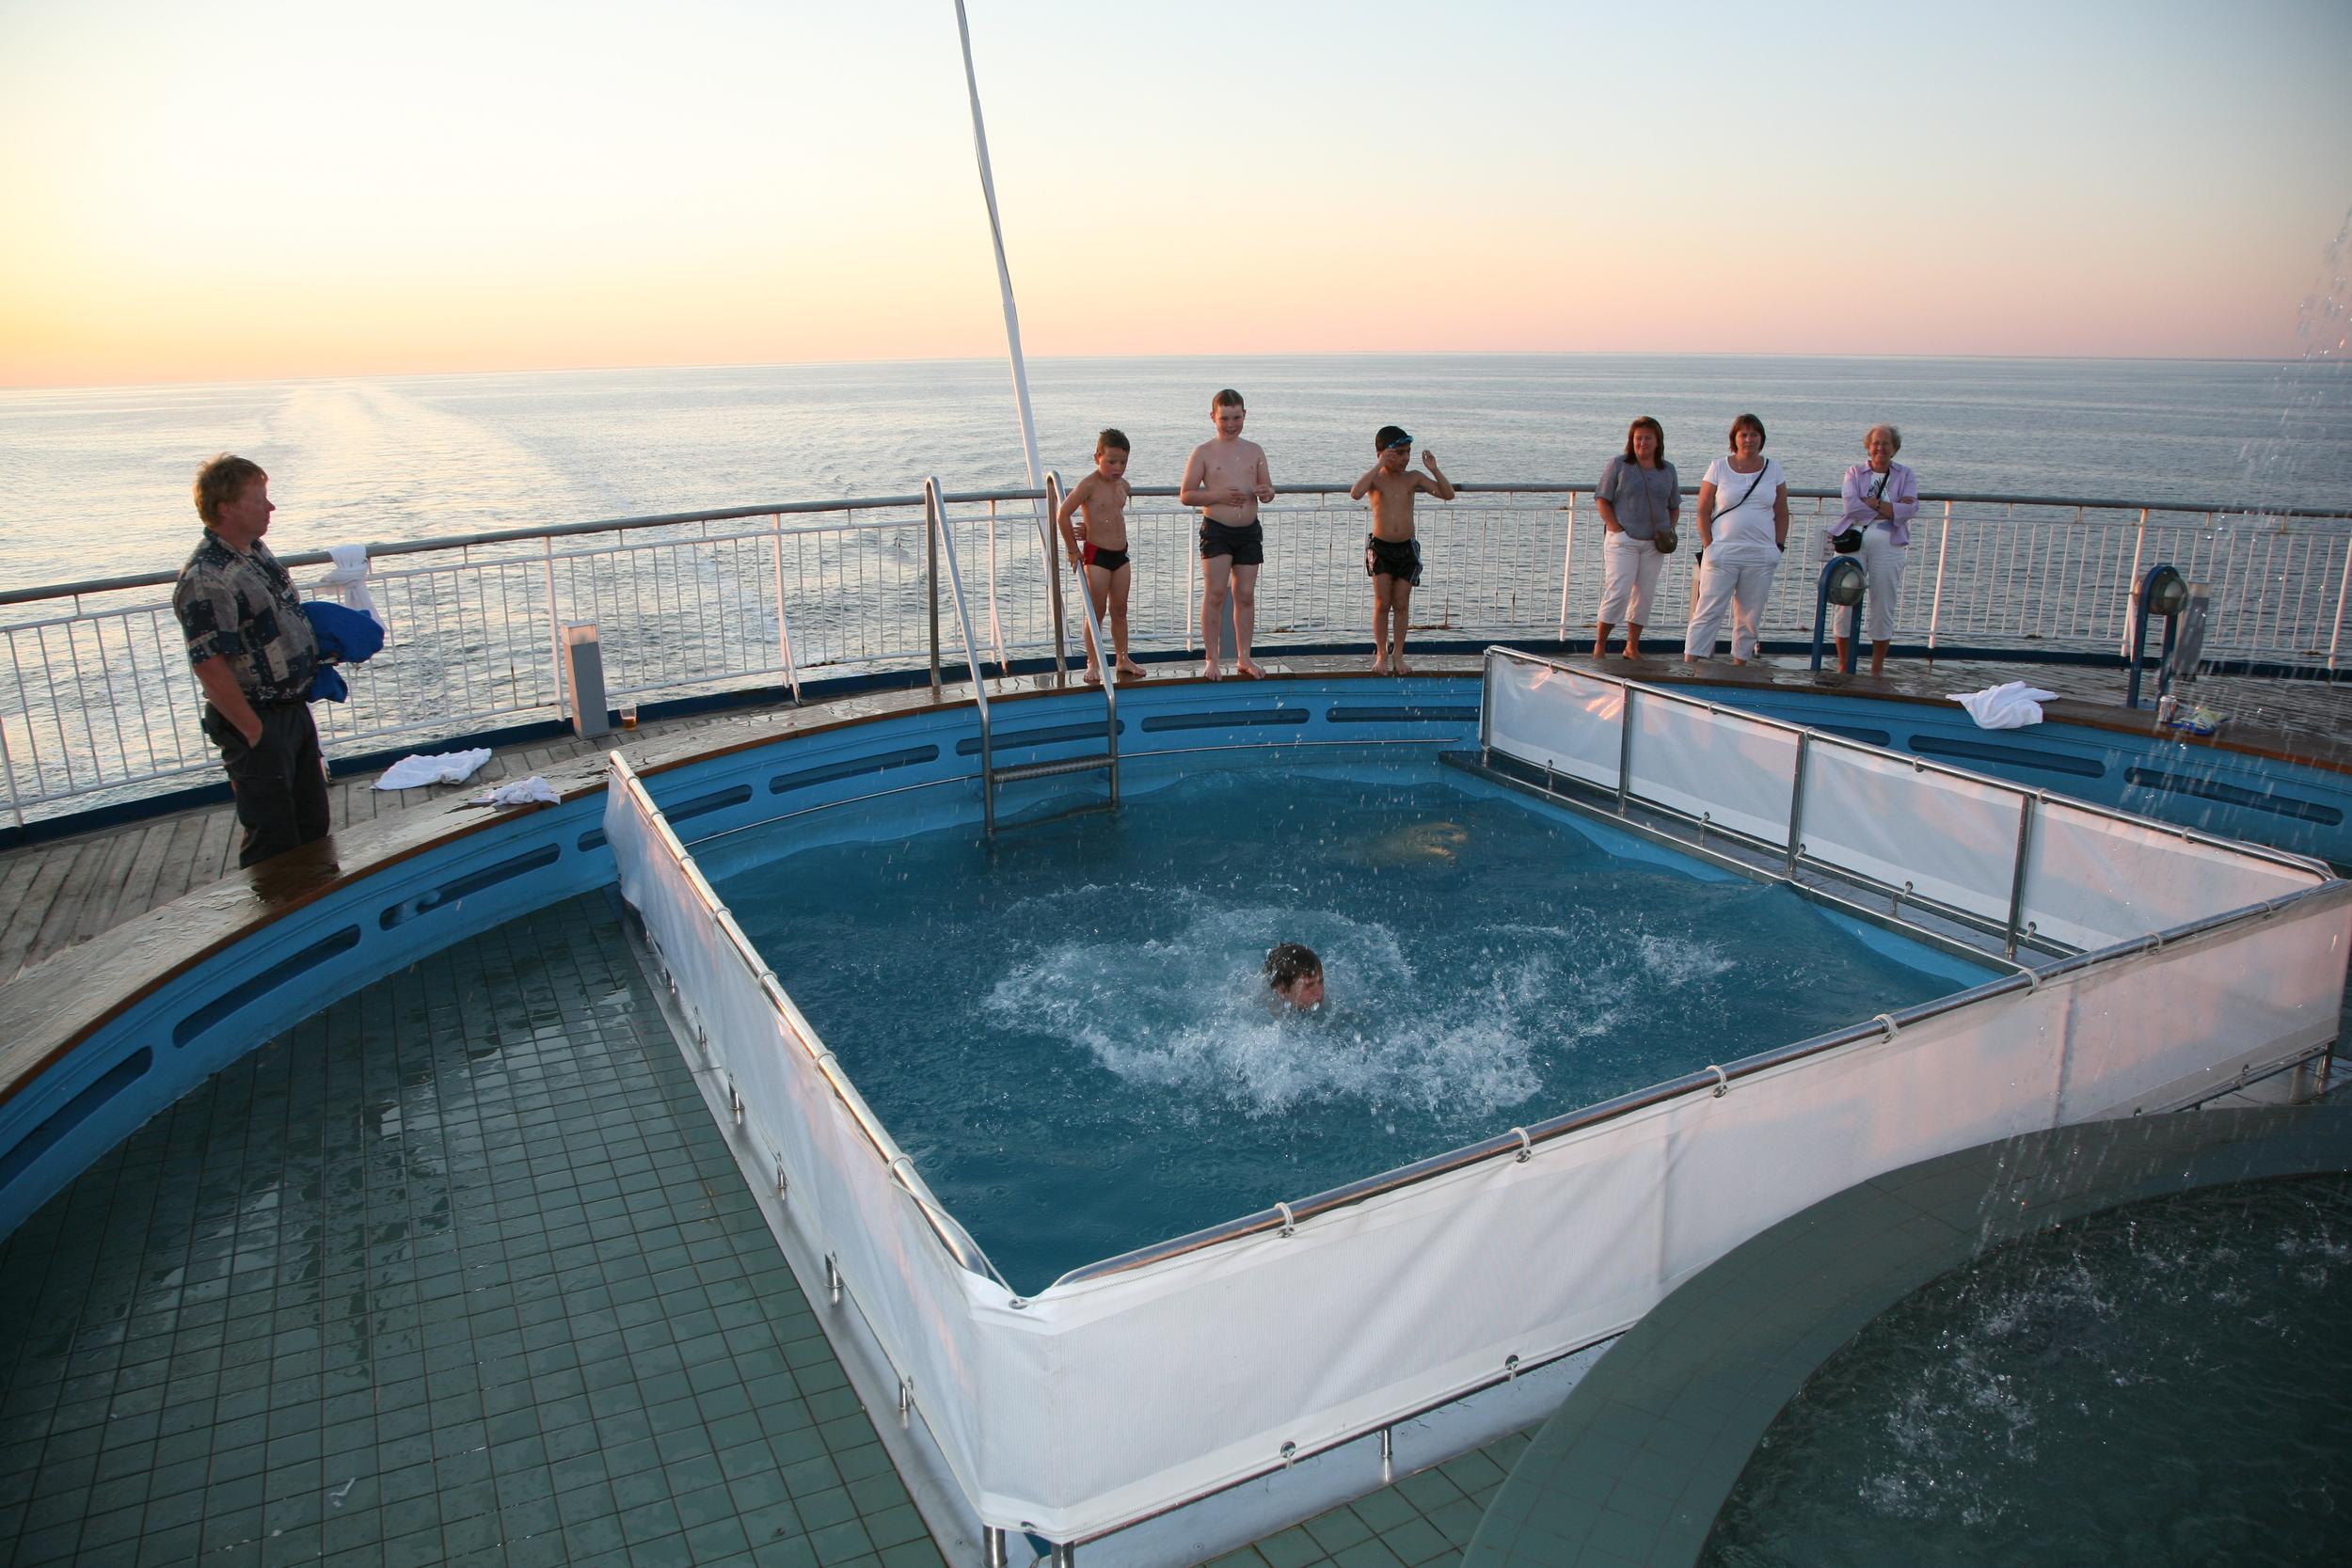 Hopp i vannet - om bord, riktignok :-) Foto: Odd Roar Lange